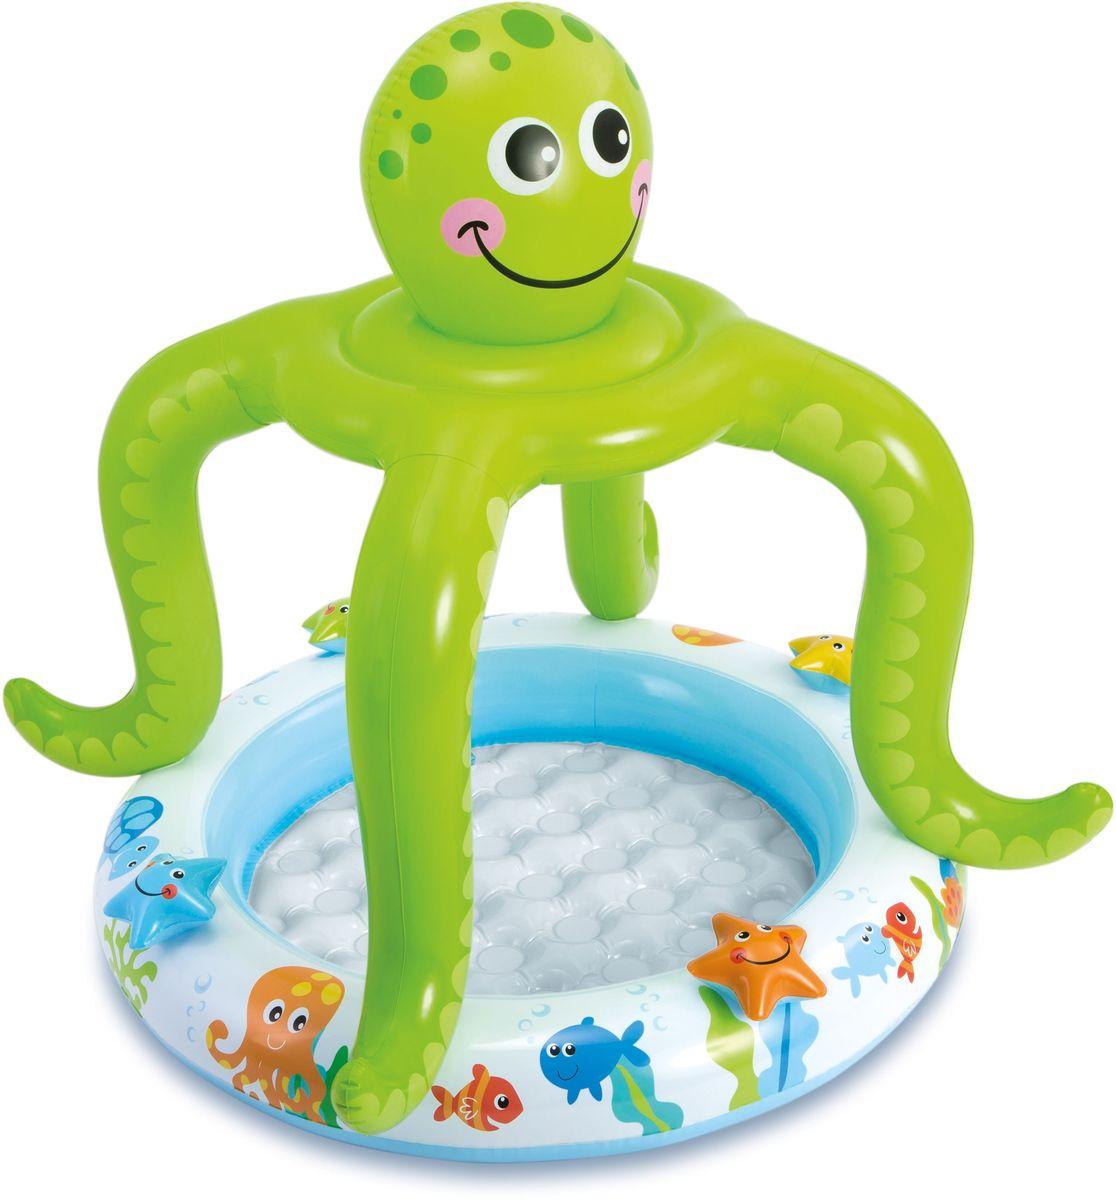 Надувной бассейн Intex Осьминог, 102 х 104 см, 1-3 года. с57115с57115надувной бассейн для детей осьминог 102х104см 1-3лет